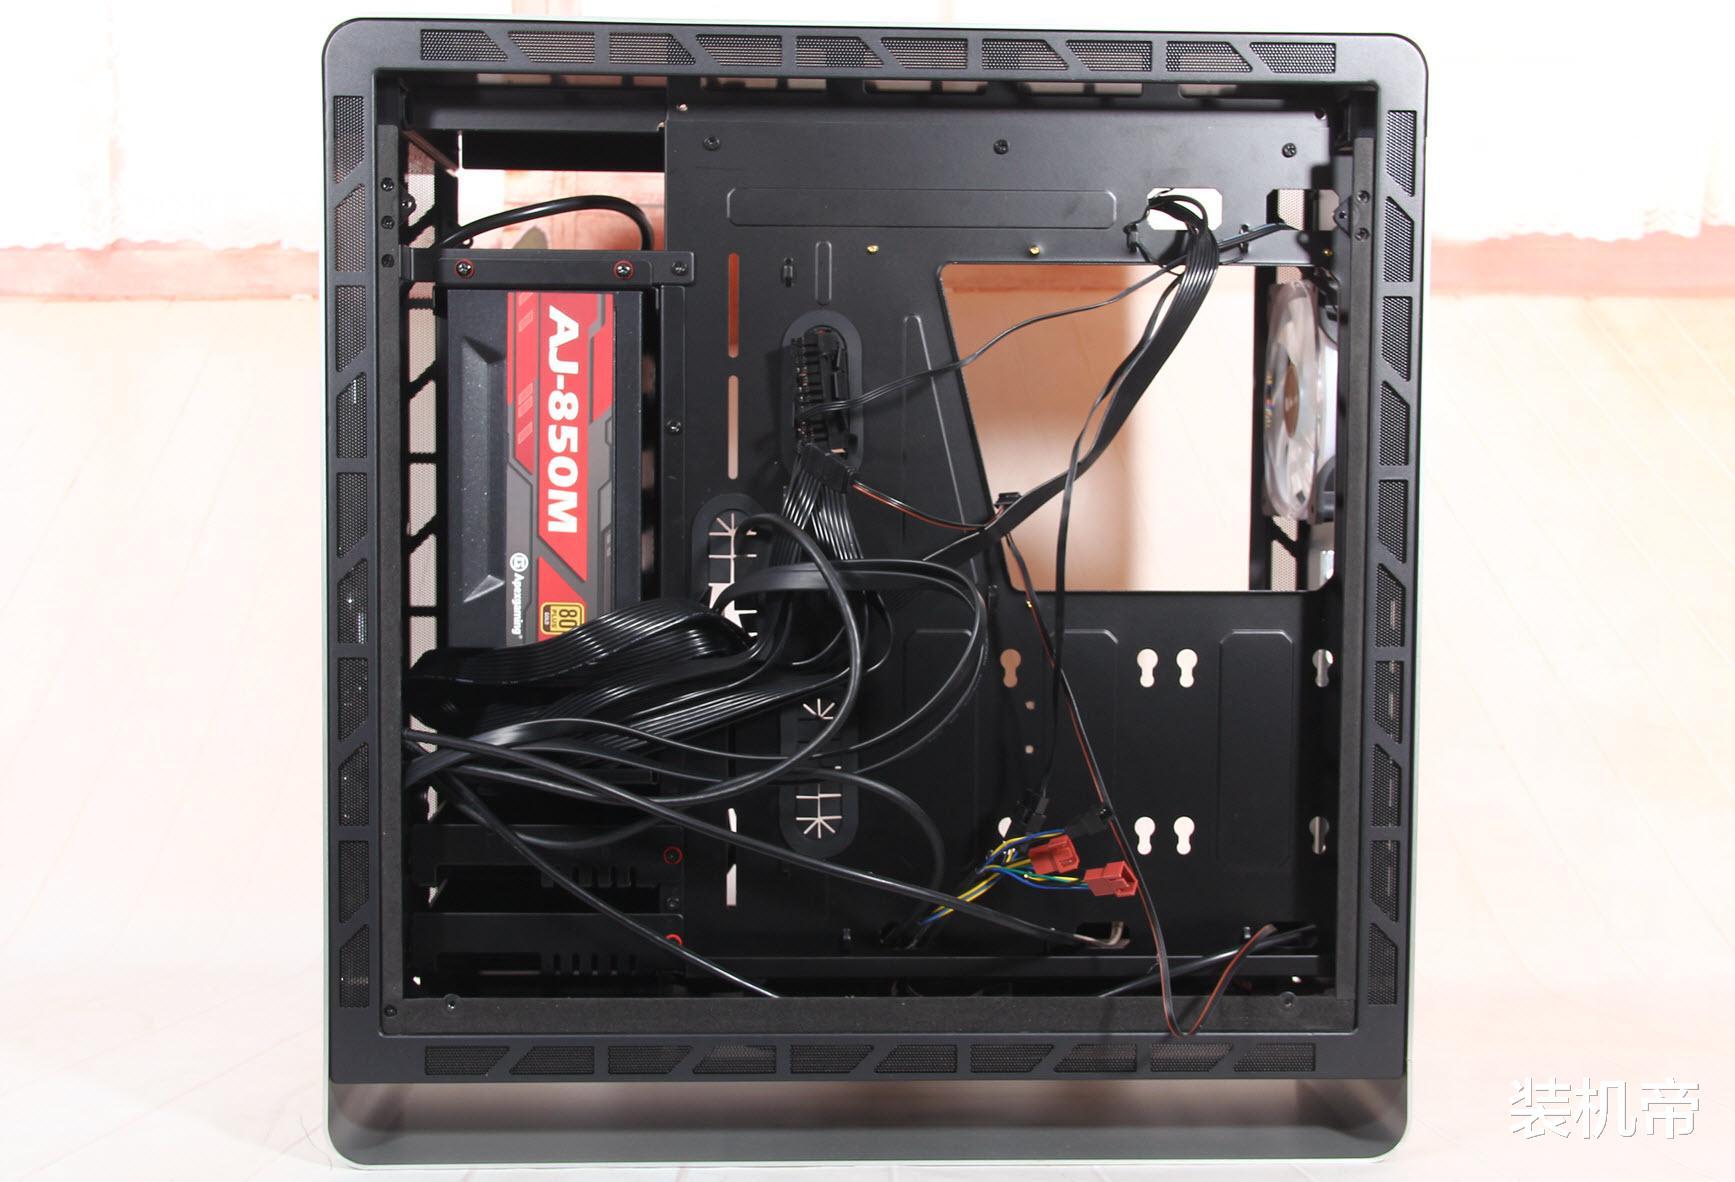 台电腾龙G40DDR43000MHz8G内存的售价还很 好物评测 第9张